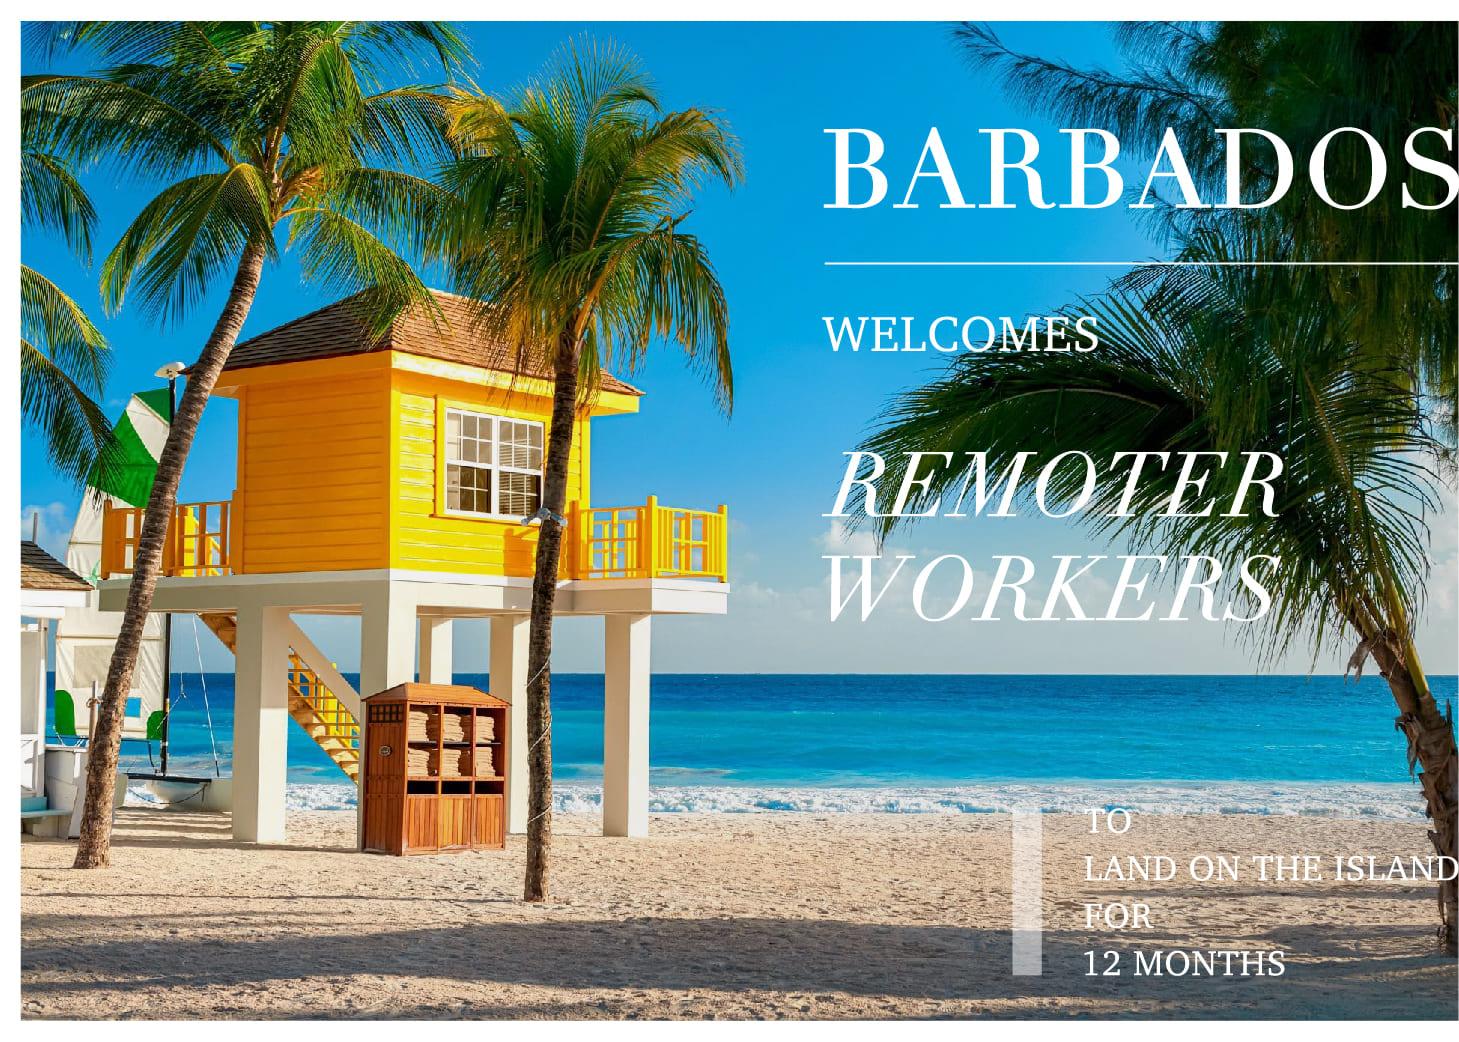 是度假還是工作?加勒比海島天堂「巴貝多 Barbados」歡迎遠距工作者來海邊打筆電